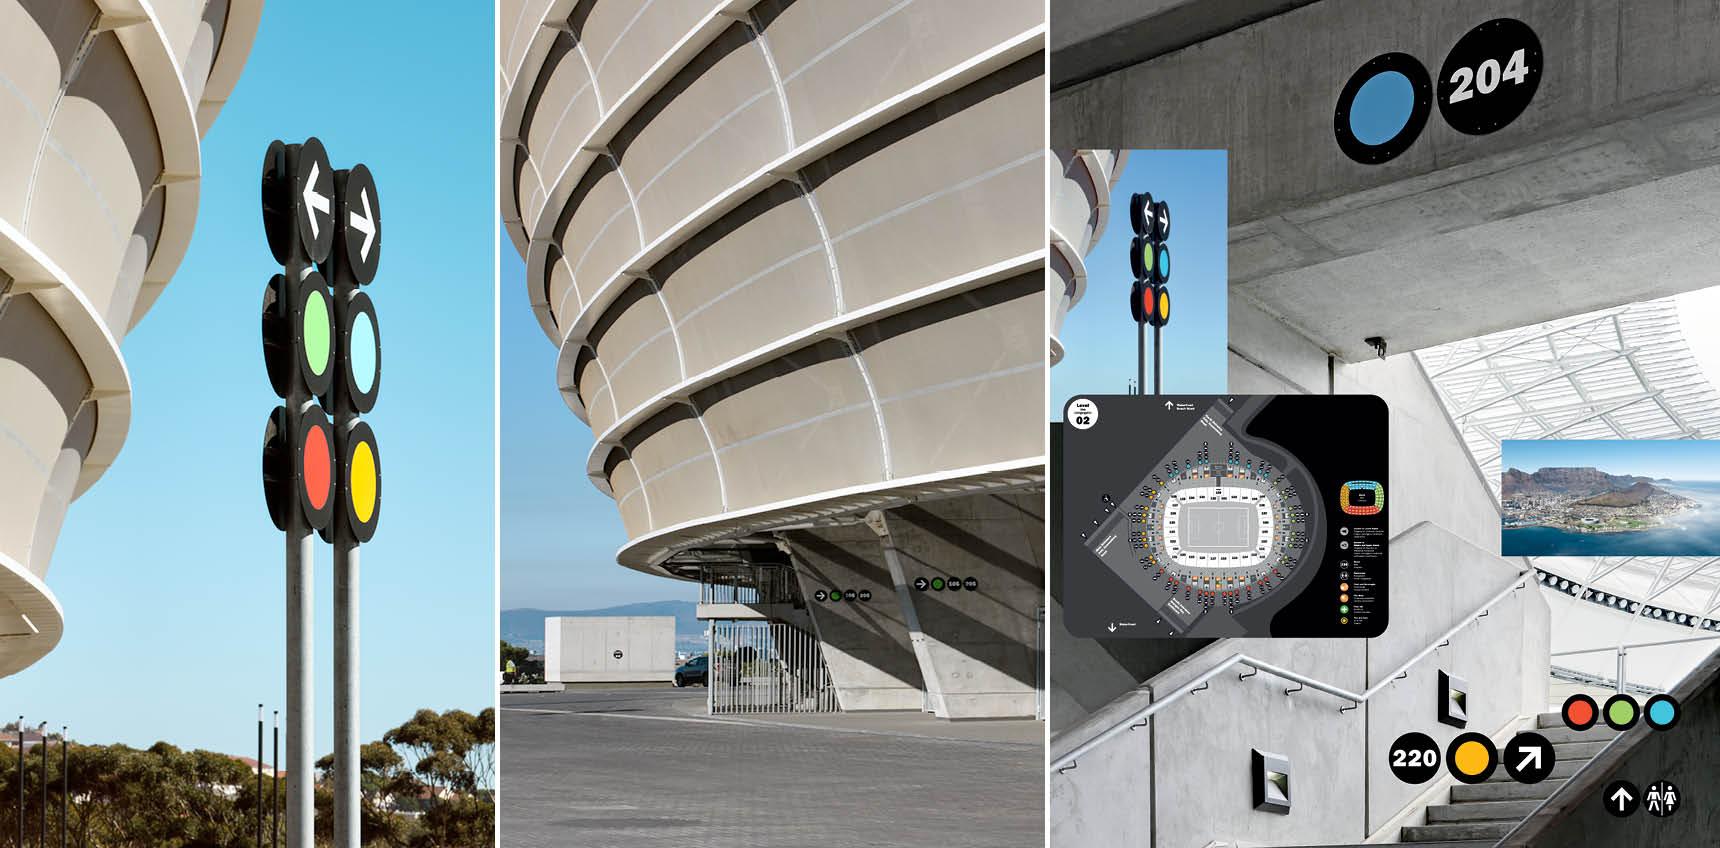 Green Point Stadium Cape Town; Visuelle Kommunikation: Wangler & Abele Architektur: gmp Architekten, Berlin, Point Architects & Urban Designers, Cape Town; Fotograf: Marcus Bredt, Berlin